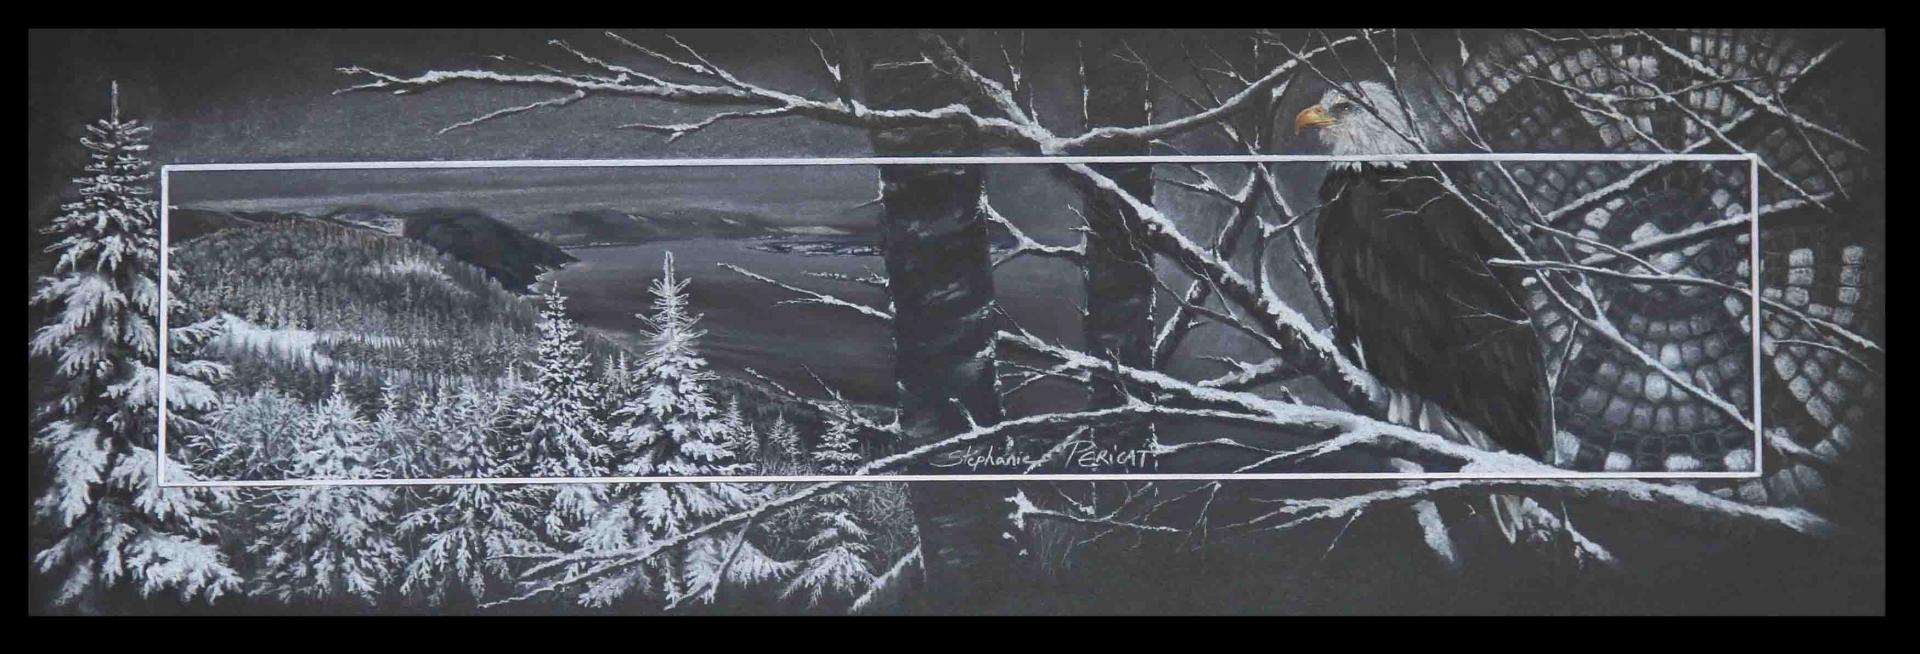 Megahzeh, pygargue dans le massif Maillard, Charlevoix, Québec - pastel sec - 20x50cm - AV for sale